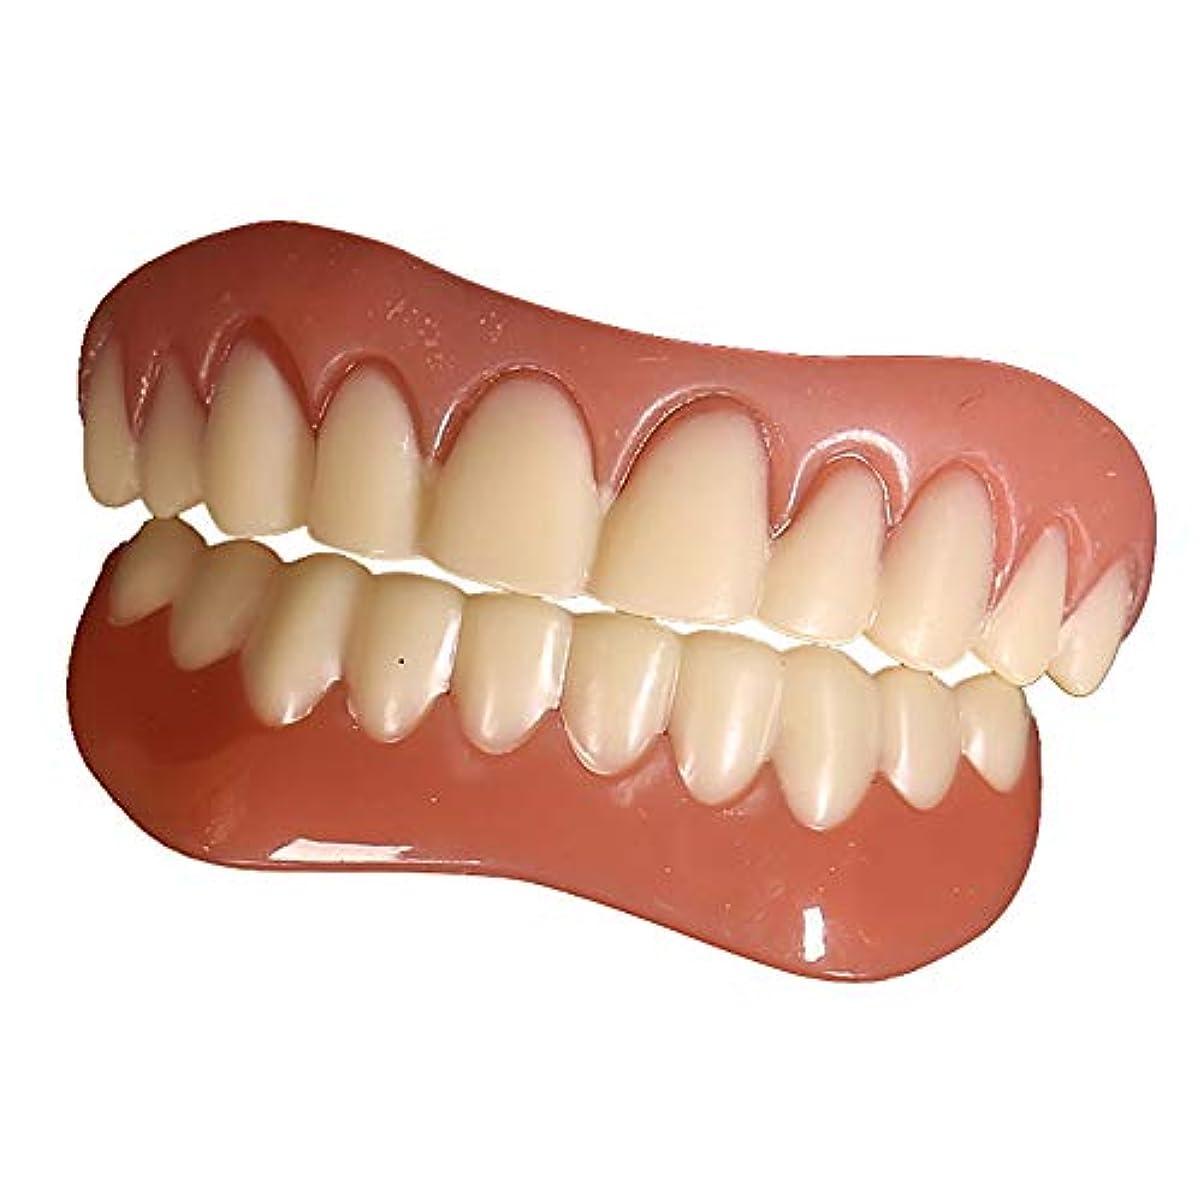 こしょう通知する父方のパーフェクトインスタントスマイルティースベニアインスタント美容義歯上下歯2個入り(フリーサイズ(中)